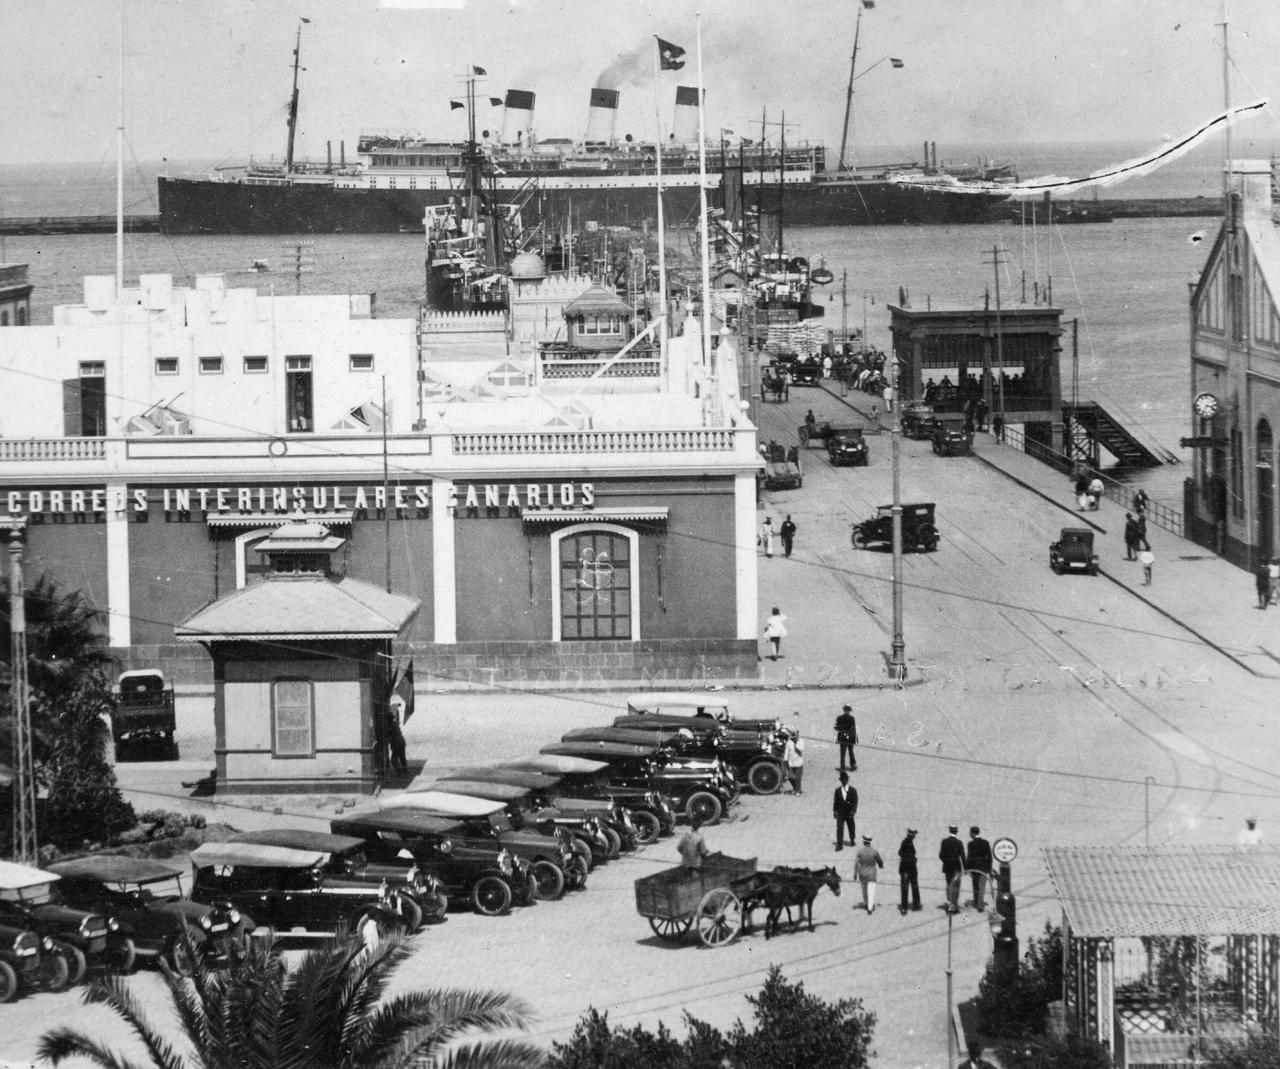 """Las Palmas (Kanári-szigetek), Szent Katalin-móló 1935-benA fotós """"kikötők és dokkok a világ körül""""-sorozatának egy darabja. A kikötői életet Rejtő is több helyen megírta. Apja szerint Algírban ő maga is pakolt ládákat és gyűjtött élményeket kikötői kocsmákban faragatlan asztalok és ugyanilyen vendégek között.A mi névtelen emberünk ugyan nem futott össze sem Vanek úrral, sem Fülig Jimmyvel, de egy hozzájuk hasonló rejtői figurával igen. És neki még a nevét is ismerjük az albumból! Ez az Uhrin Jóska nevű fiú érettségi után színészettel próbálkozott Pesten, de a kaland jobban vonzotta, mint valami kis protekciós állami hivatal. Amikor az ismeretlen nevű fotóssal találkozott itt a Kanári-szigeteken, térképezésből élt és selyemöltönyben járt, derekán cserkészövvel (""""a csatja, ott, ahol a 'Légy résen!' meg a liliom van, jó nagy és kemény vas. Lehet vele alkalomadtán verekedni, s éppen a hasamon van a csat, ami jól jöhet esetleg."""")."""